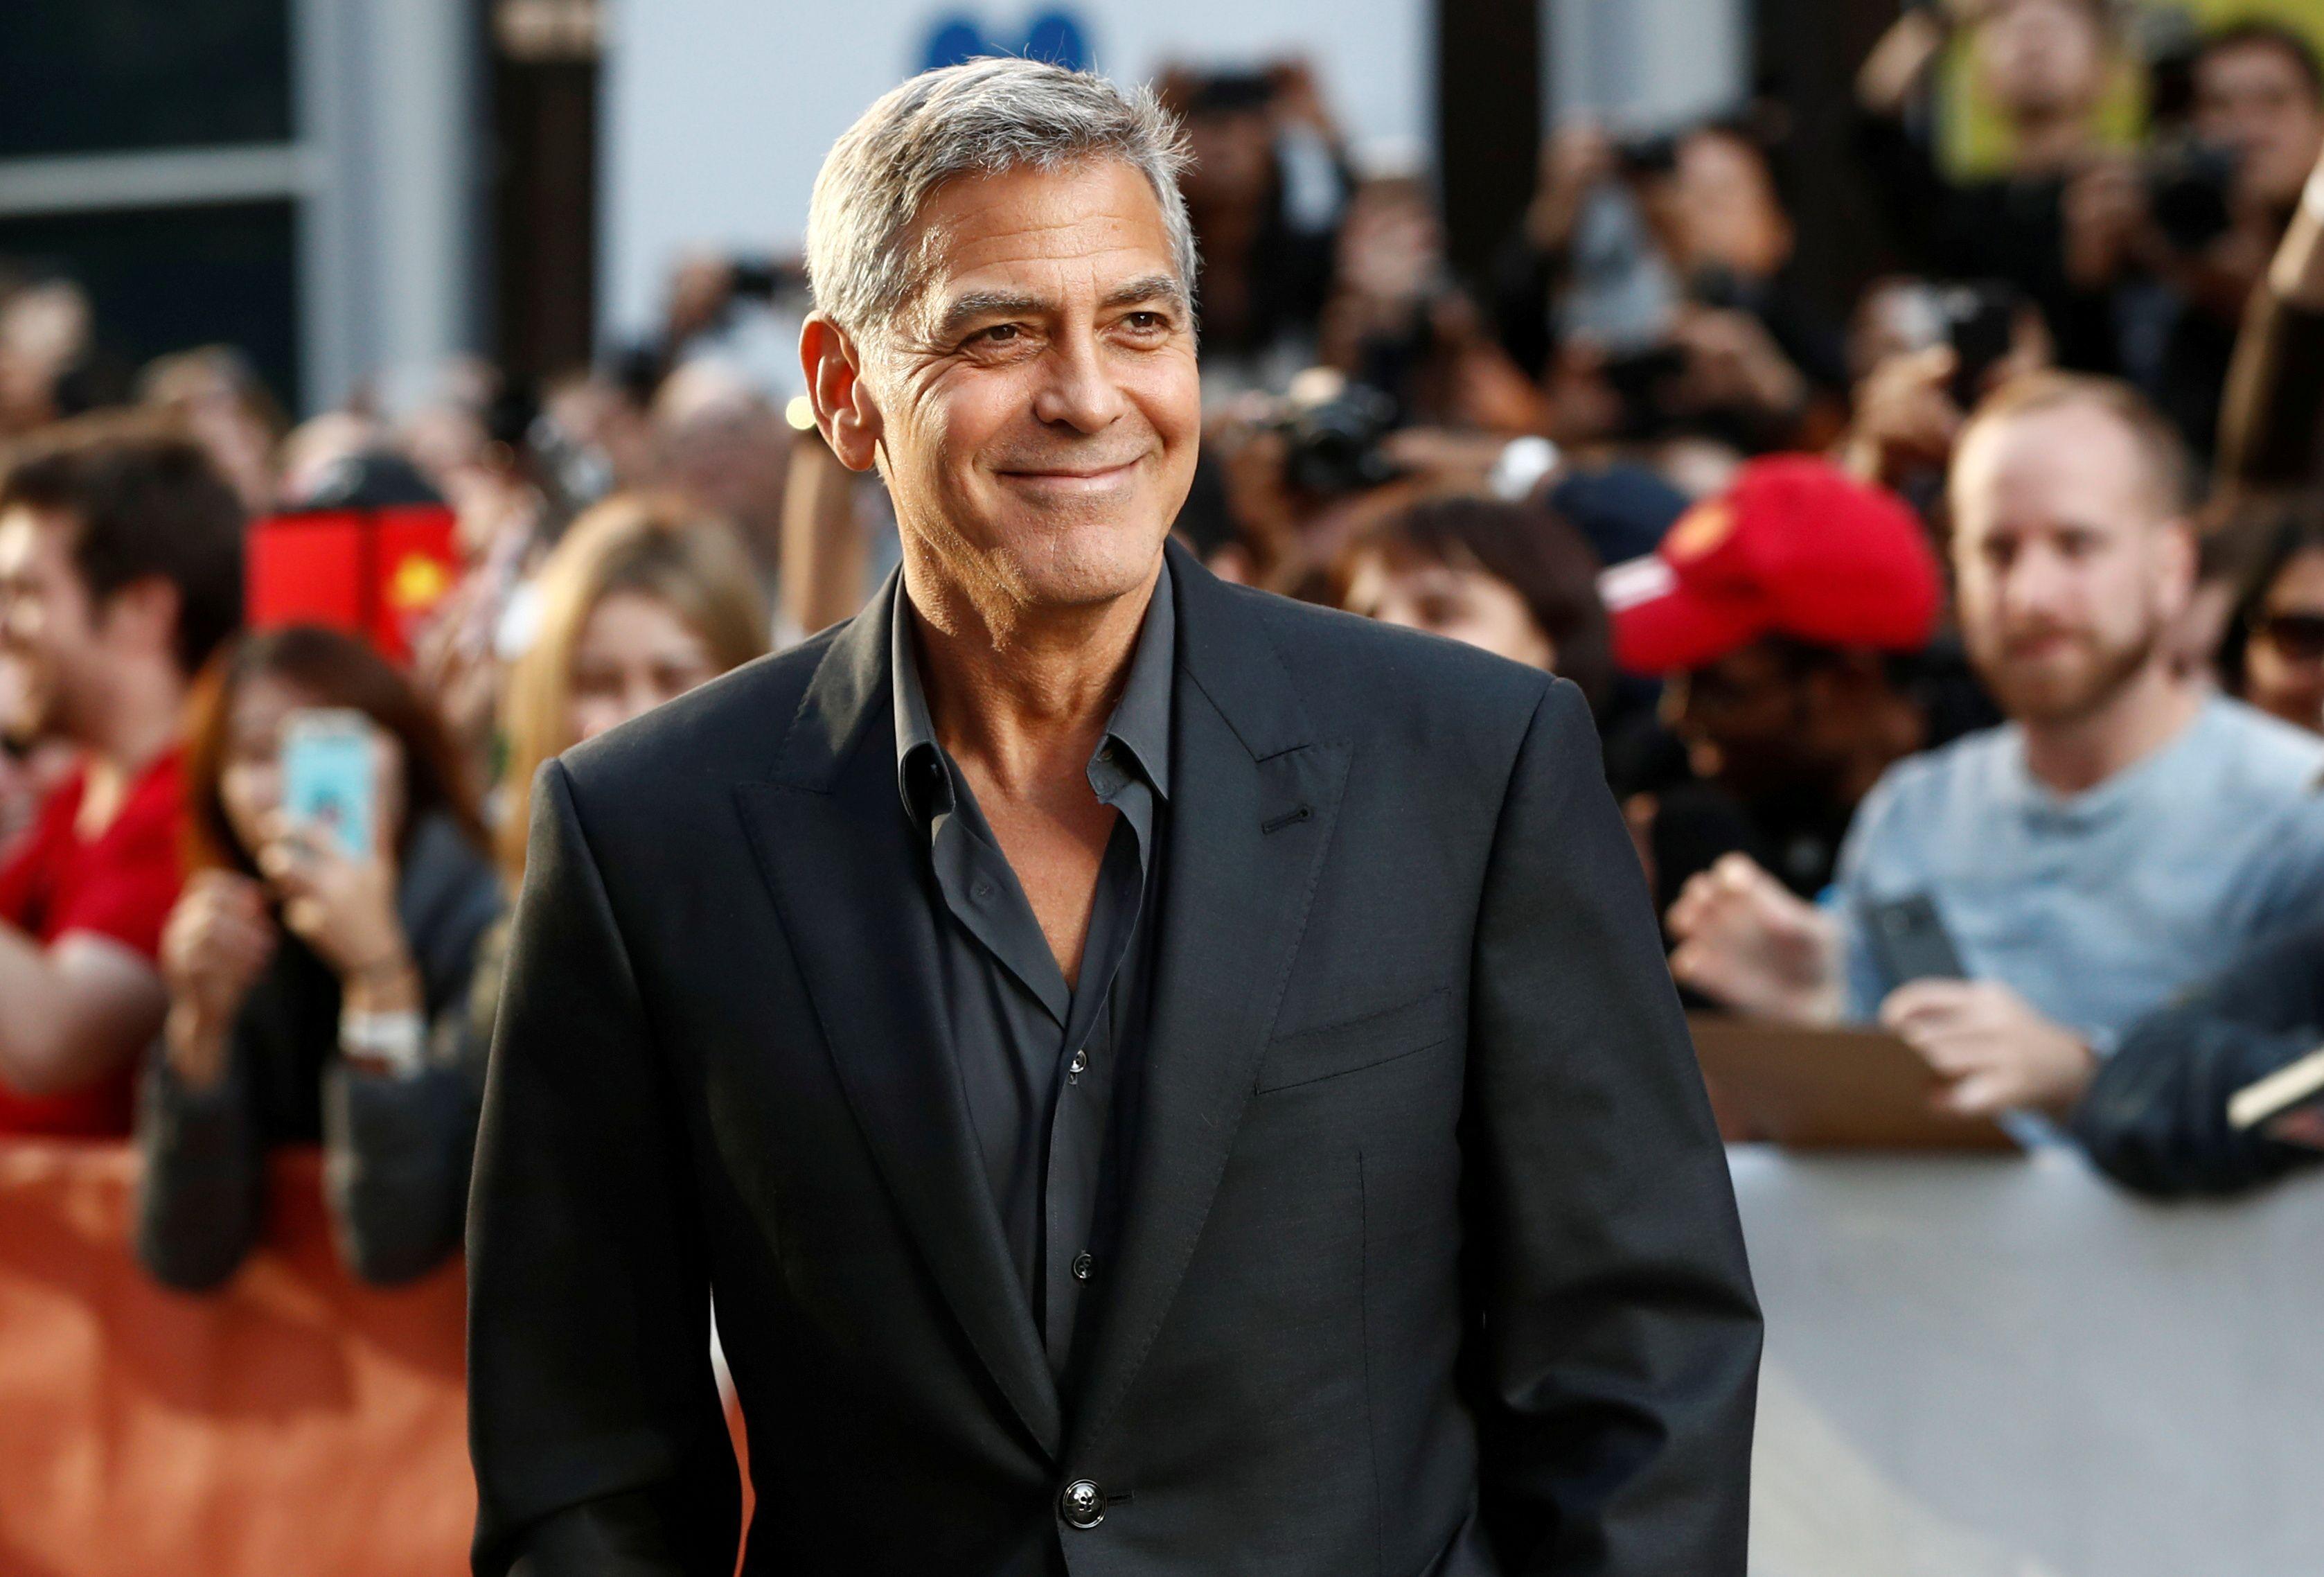 El actor es uno de los grandes filántropos de Hollywood  REUTERS/Mark Blinch/File Photo